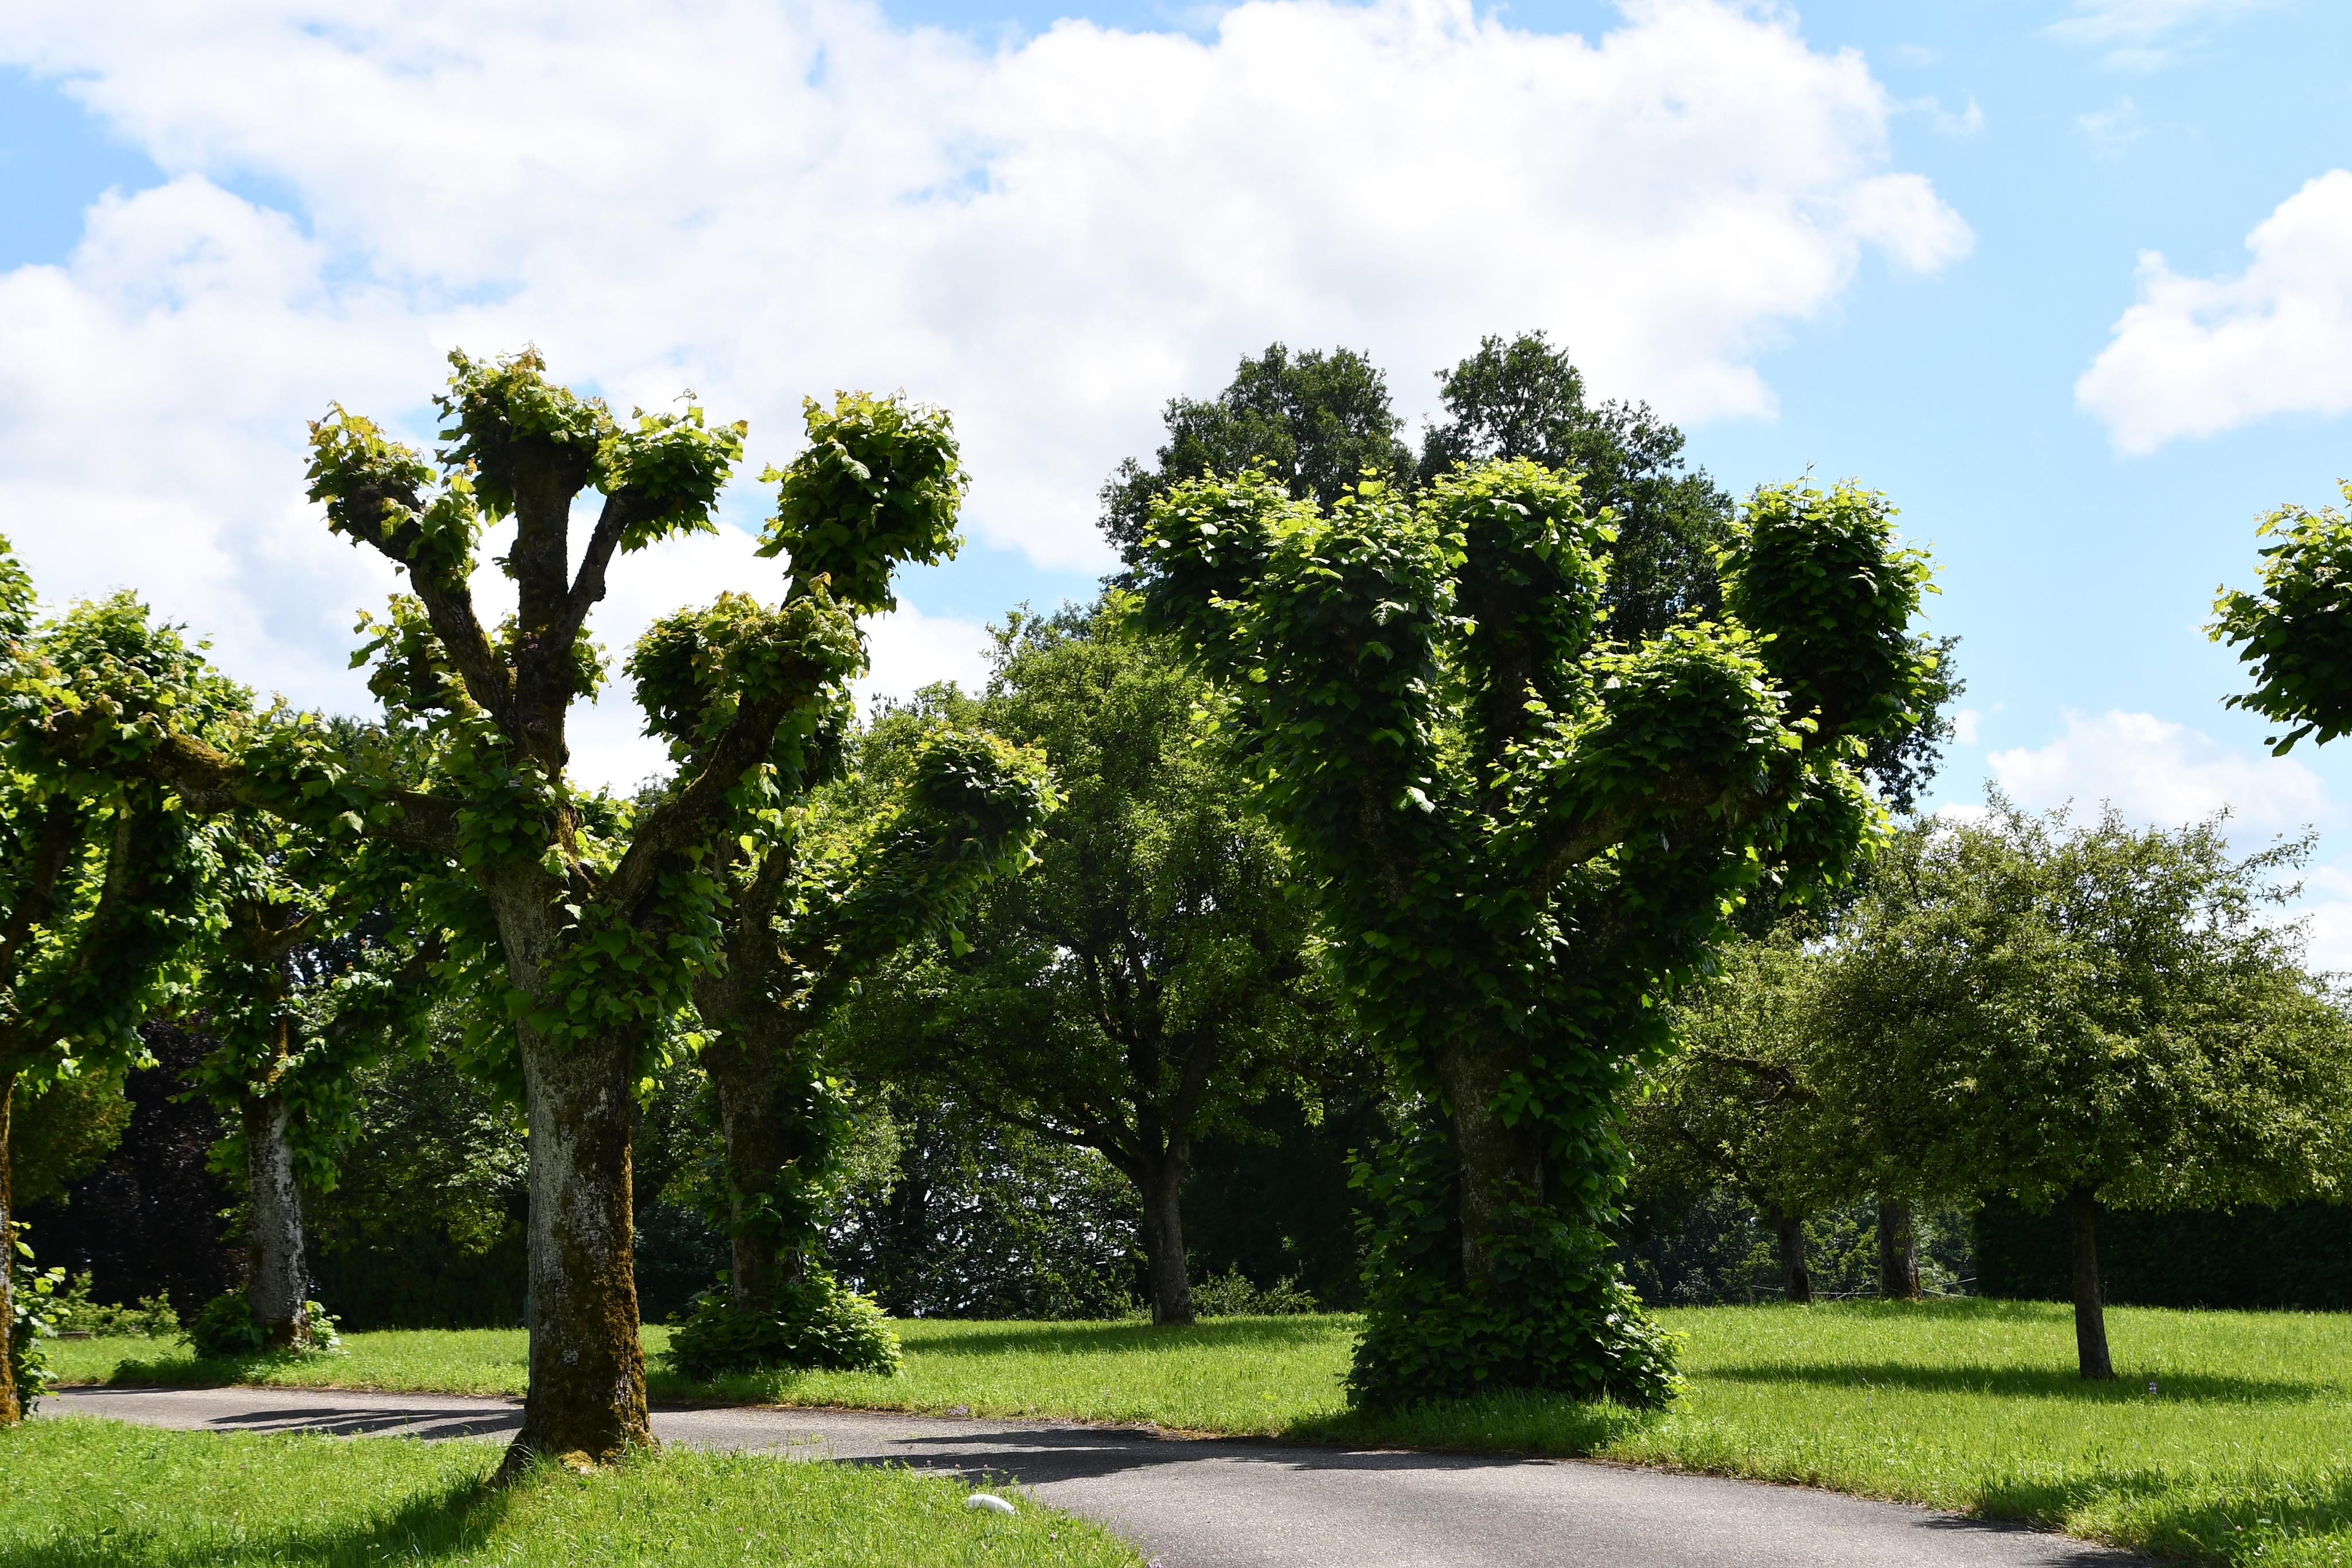 trees-20.06.2019